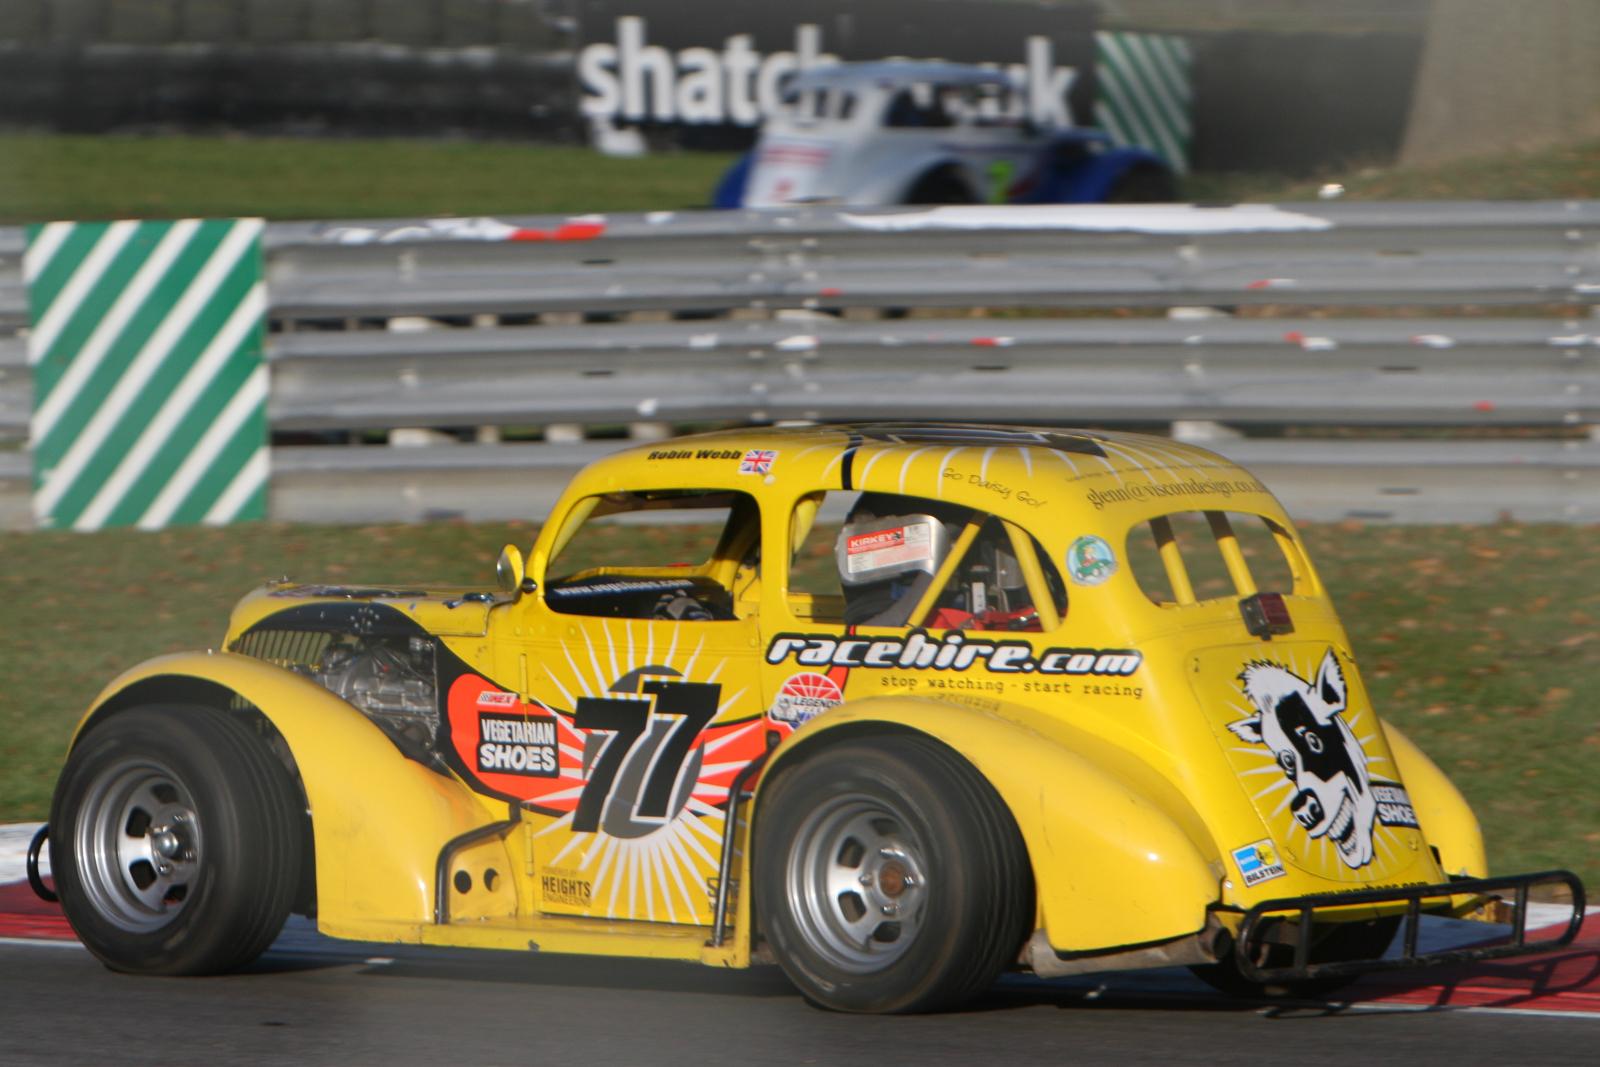 20071103 - Truck Racing Brands -071103 -002